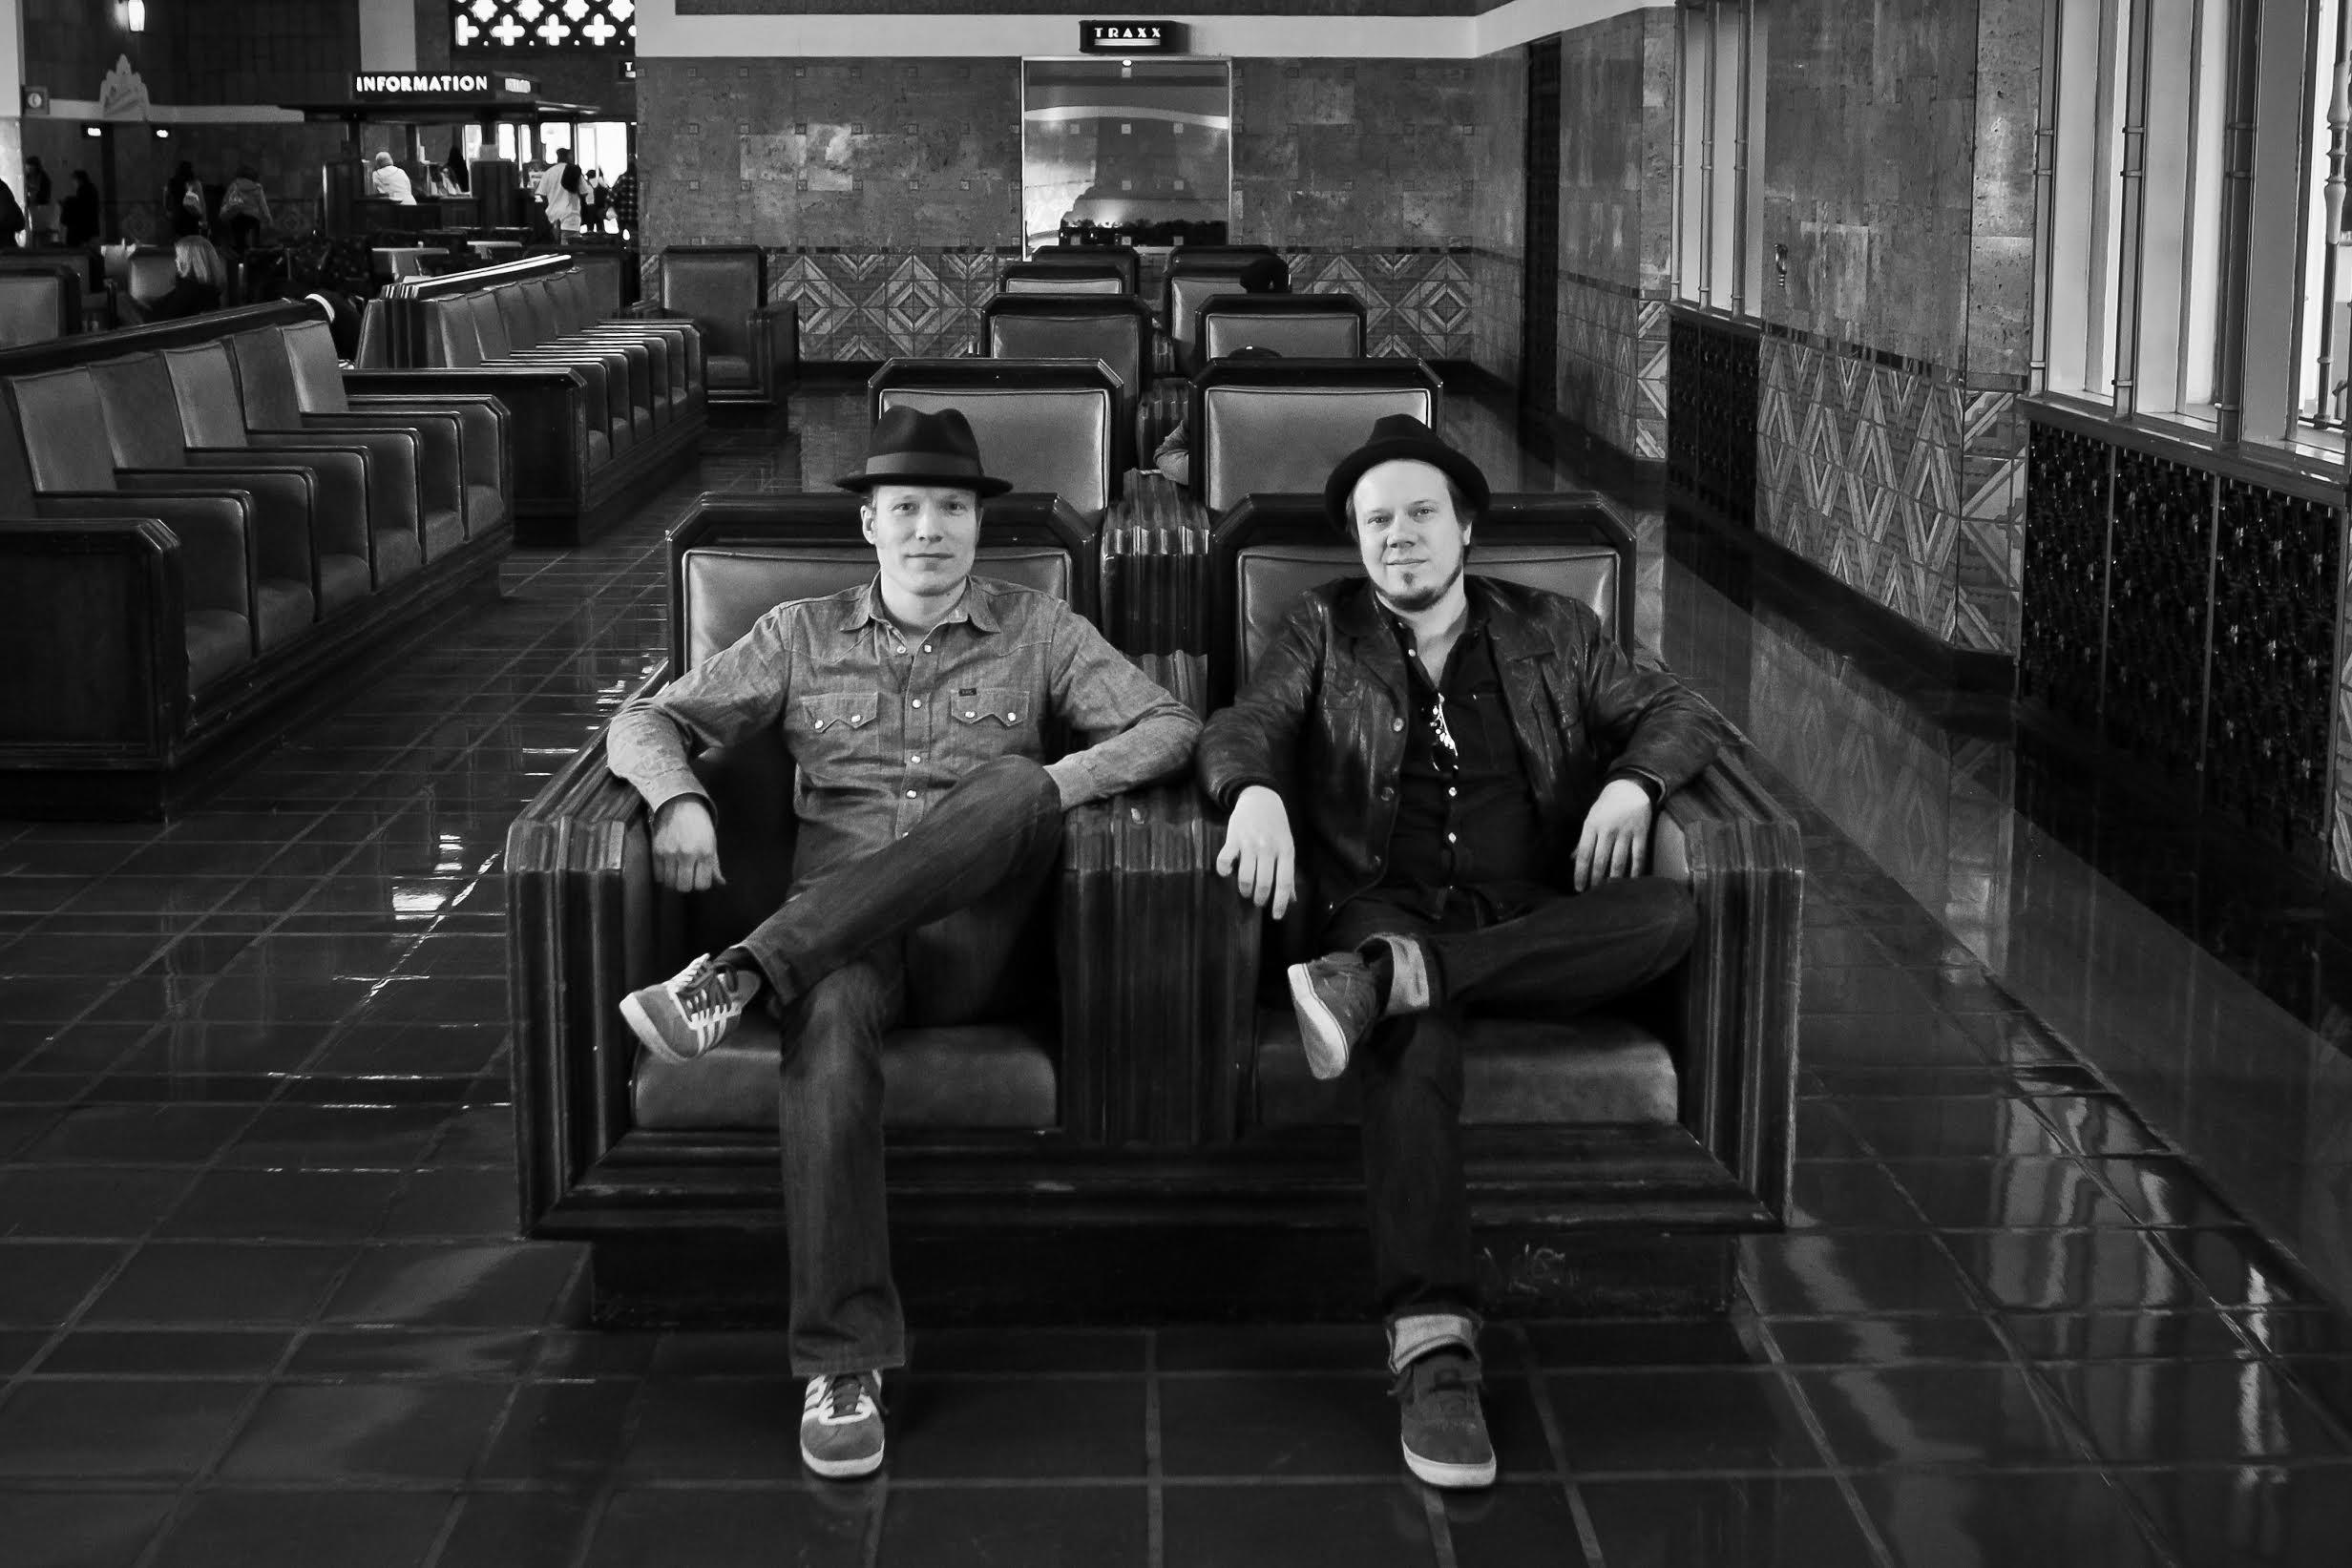 Tuomo & Markus esiintyvät sunnuntaina jazzristeilyllä yhdessä Verneri Pohjolan kanssa.